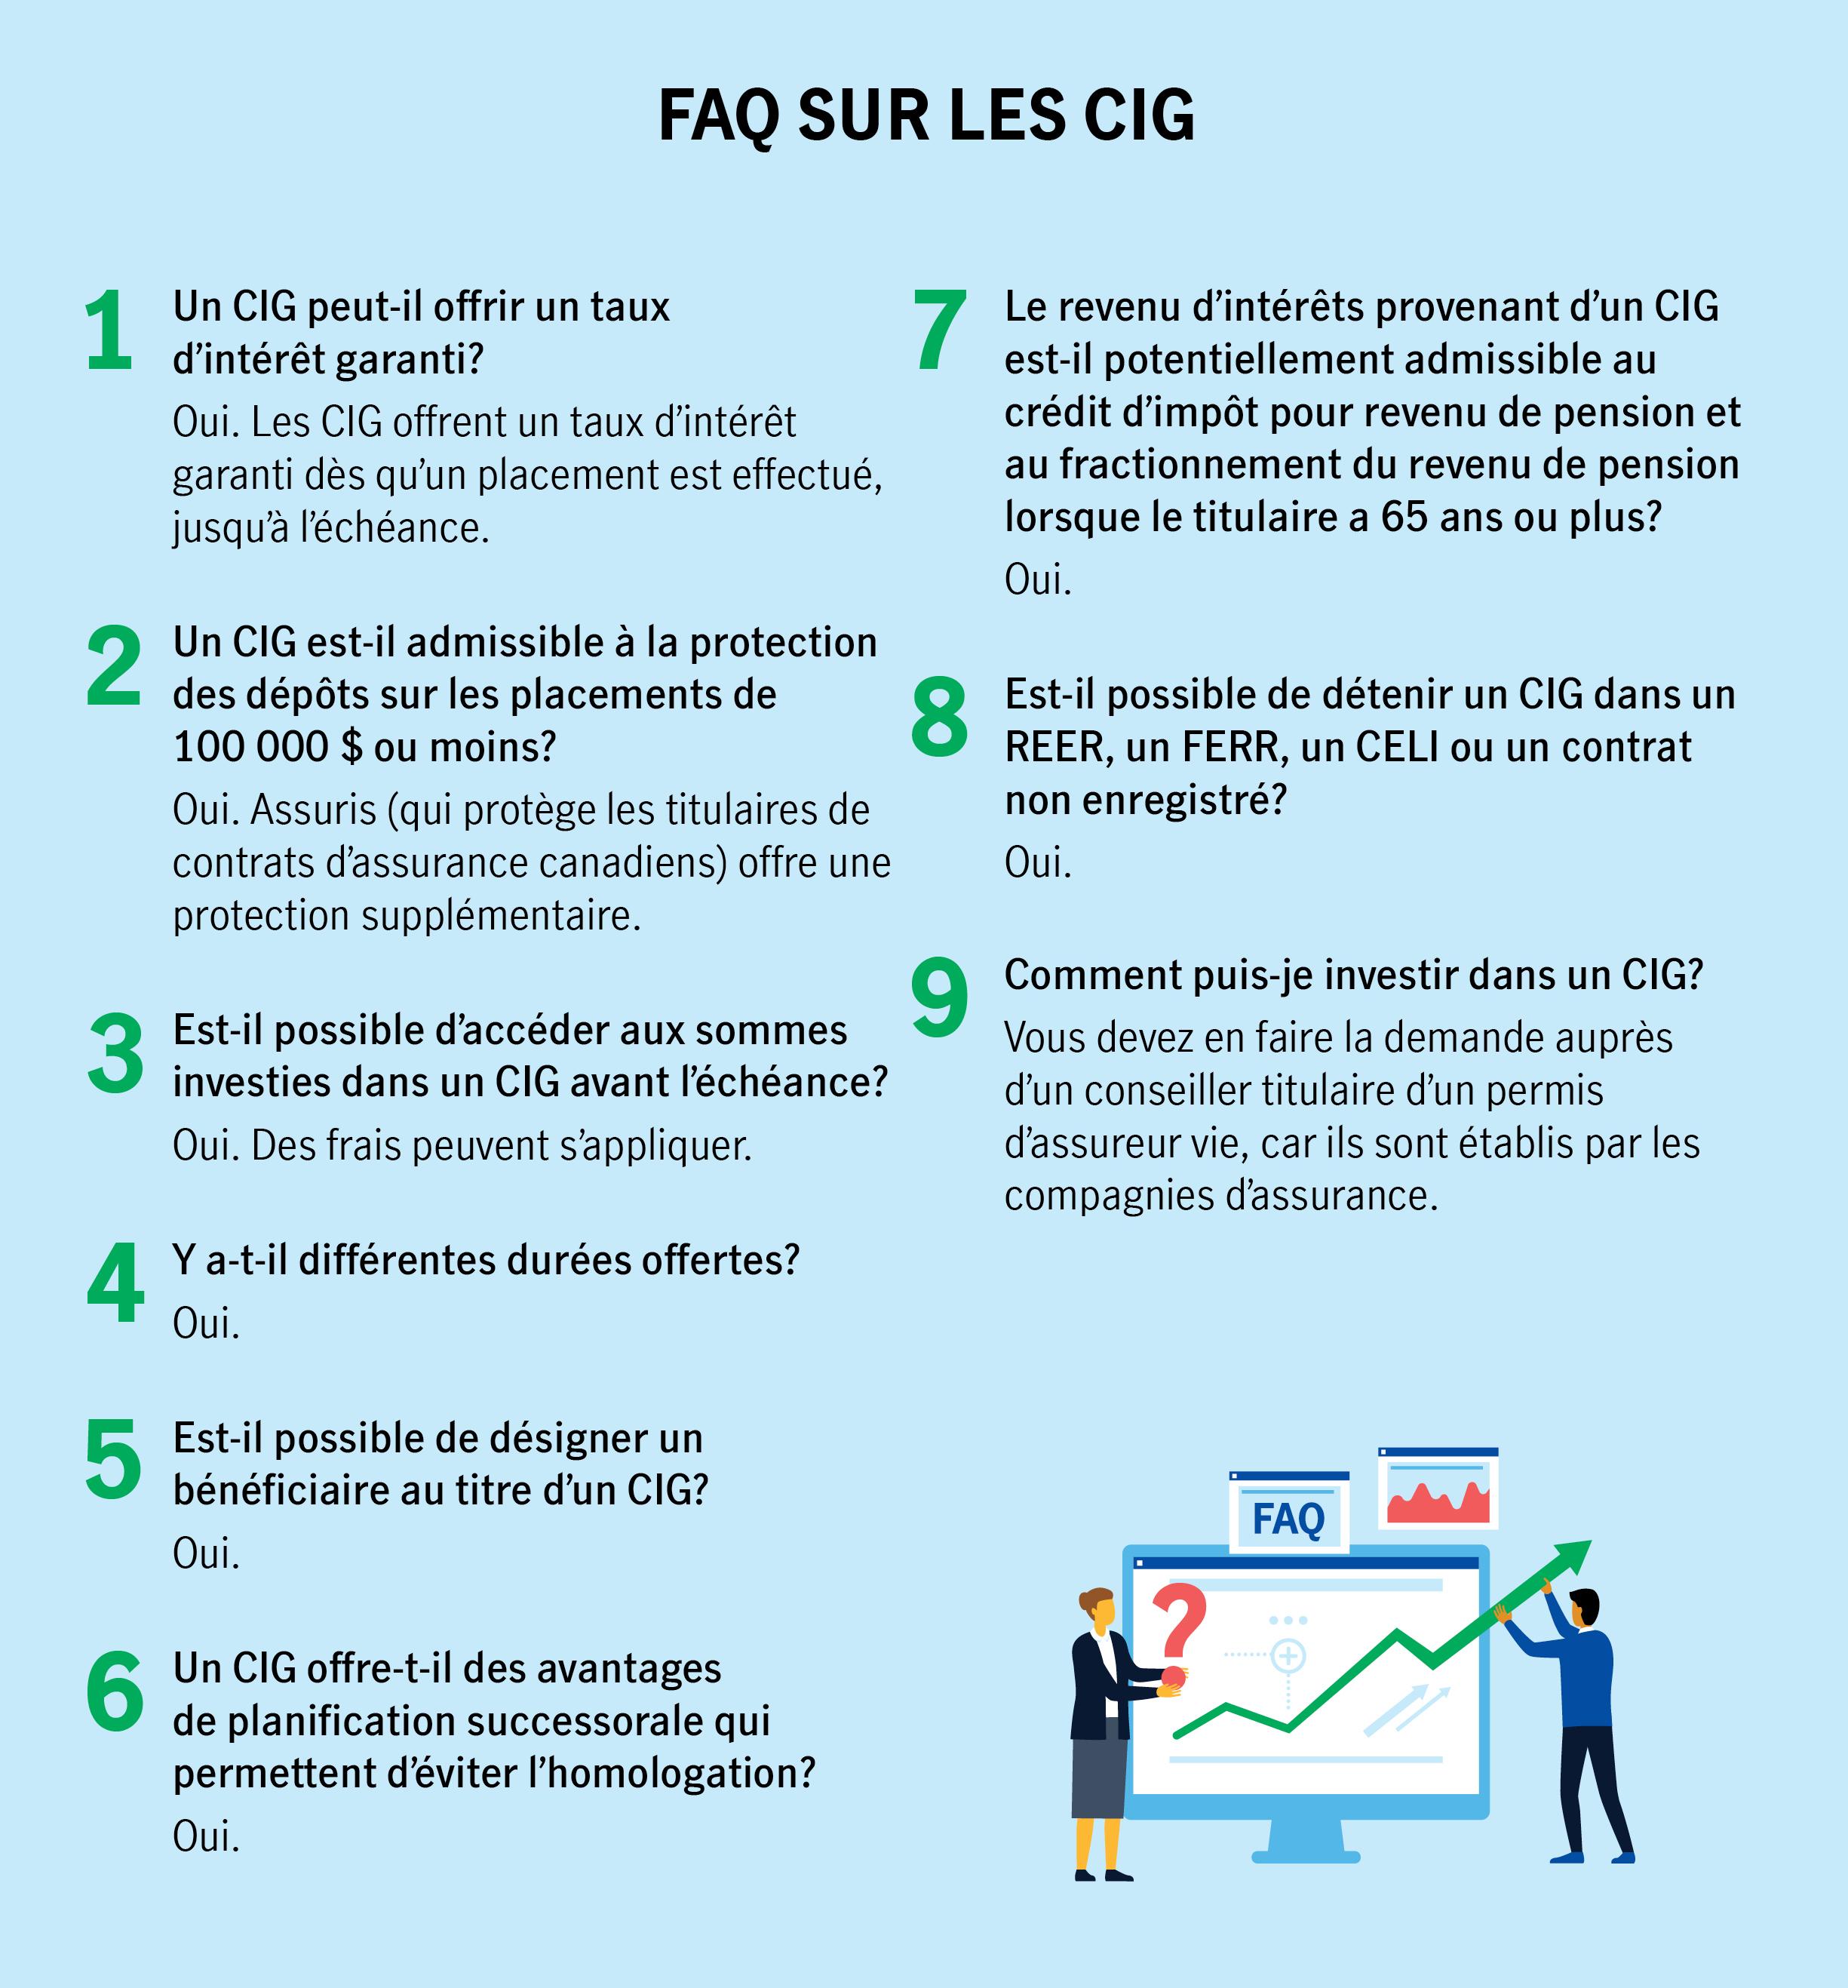 FAQ SUR LES CIG  1.Un CIG peut-il offrir un taux d'intérêt garanti? Oui. Les CIG offrent un taux d'intérêt garanti dès qu'un placement est effectué, jusqu'à l'échéance.  2.Un CIG est-il admissible à la protection des dépôts sur les placements de 100 000 $ ou moins? Oui. Assuris (qui protège les titulaires de contrats d'assurance canadiens) offre une protection supplémentaire.  3.Est-il possible d'accéder aux sommes investies dans un CIG avant l'échéance? Oui. Des frais peuvent s'appliquer. 4.Y a-t-il différentes durées offertes? Oui.  5.Est-il possible de désigner un bénéficiaire au titre d'un CIG? Oui. 6.Un CIG offre-t-il des avantages de planification successorale qui permettent d'éviter l'homologation? Oui. 7.Le revenu d'intérêts provenant d'un CIG est-il potentiellement admissible au crédit d'impôt pour revenu de pension et au fractionnement du revenu de pension lorsque le titulaire a 65 ans ou plus? Oui. 8.Est-il possible de détenir un CIG dans un REER, un FERR, un CELI ou un contrat non enregistré? Oui.  9.Comment puis-je investir dans un CIG? Vous devez en faire la demande auprès d'un conseiller titulaire d'un permis d'assureur vie, car ils sont établis par les compagnies d'assurance.